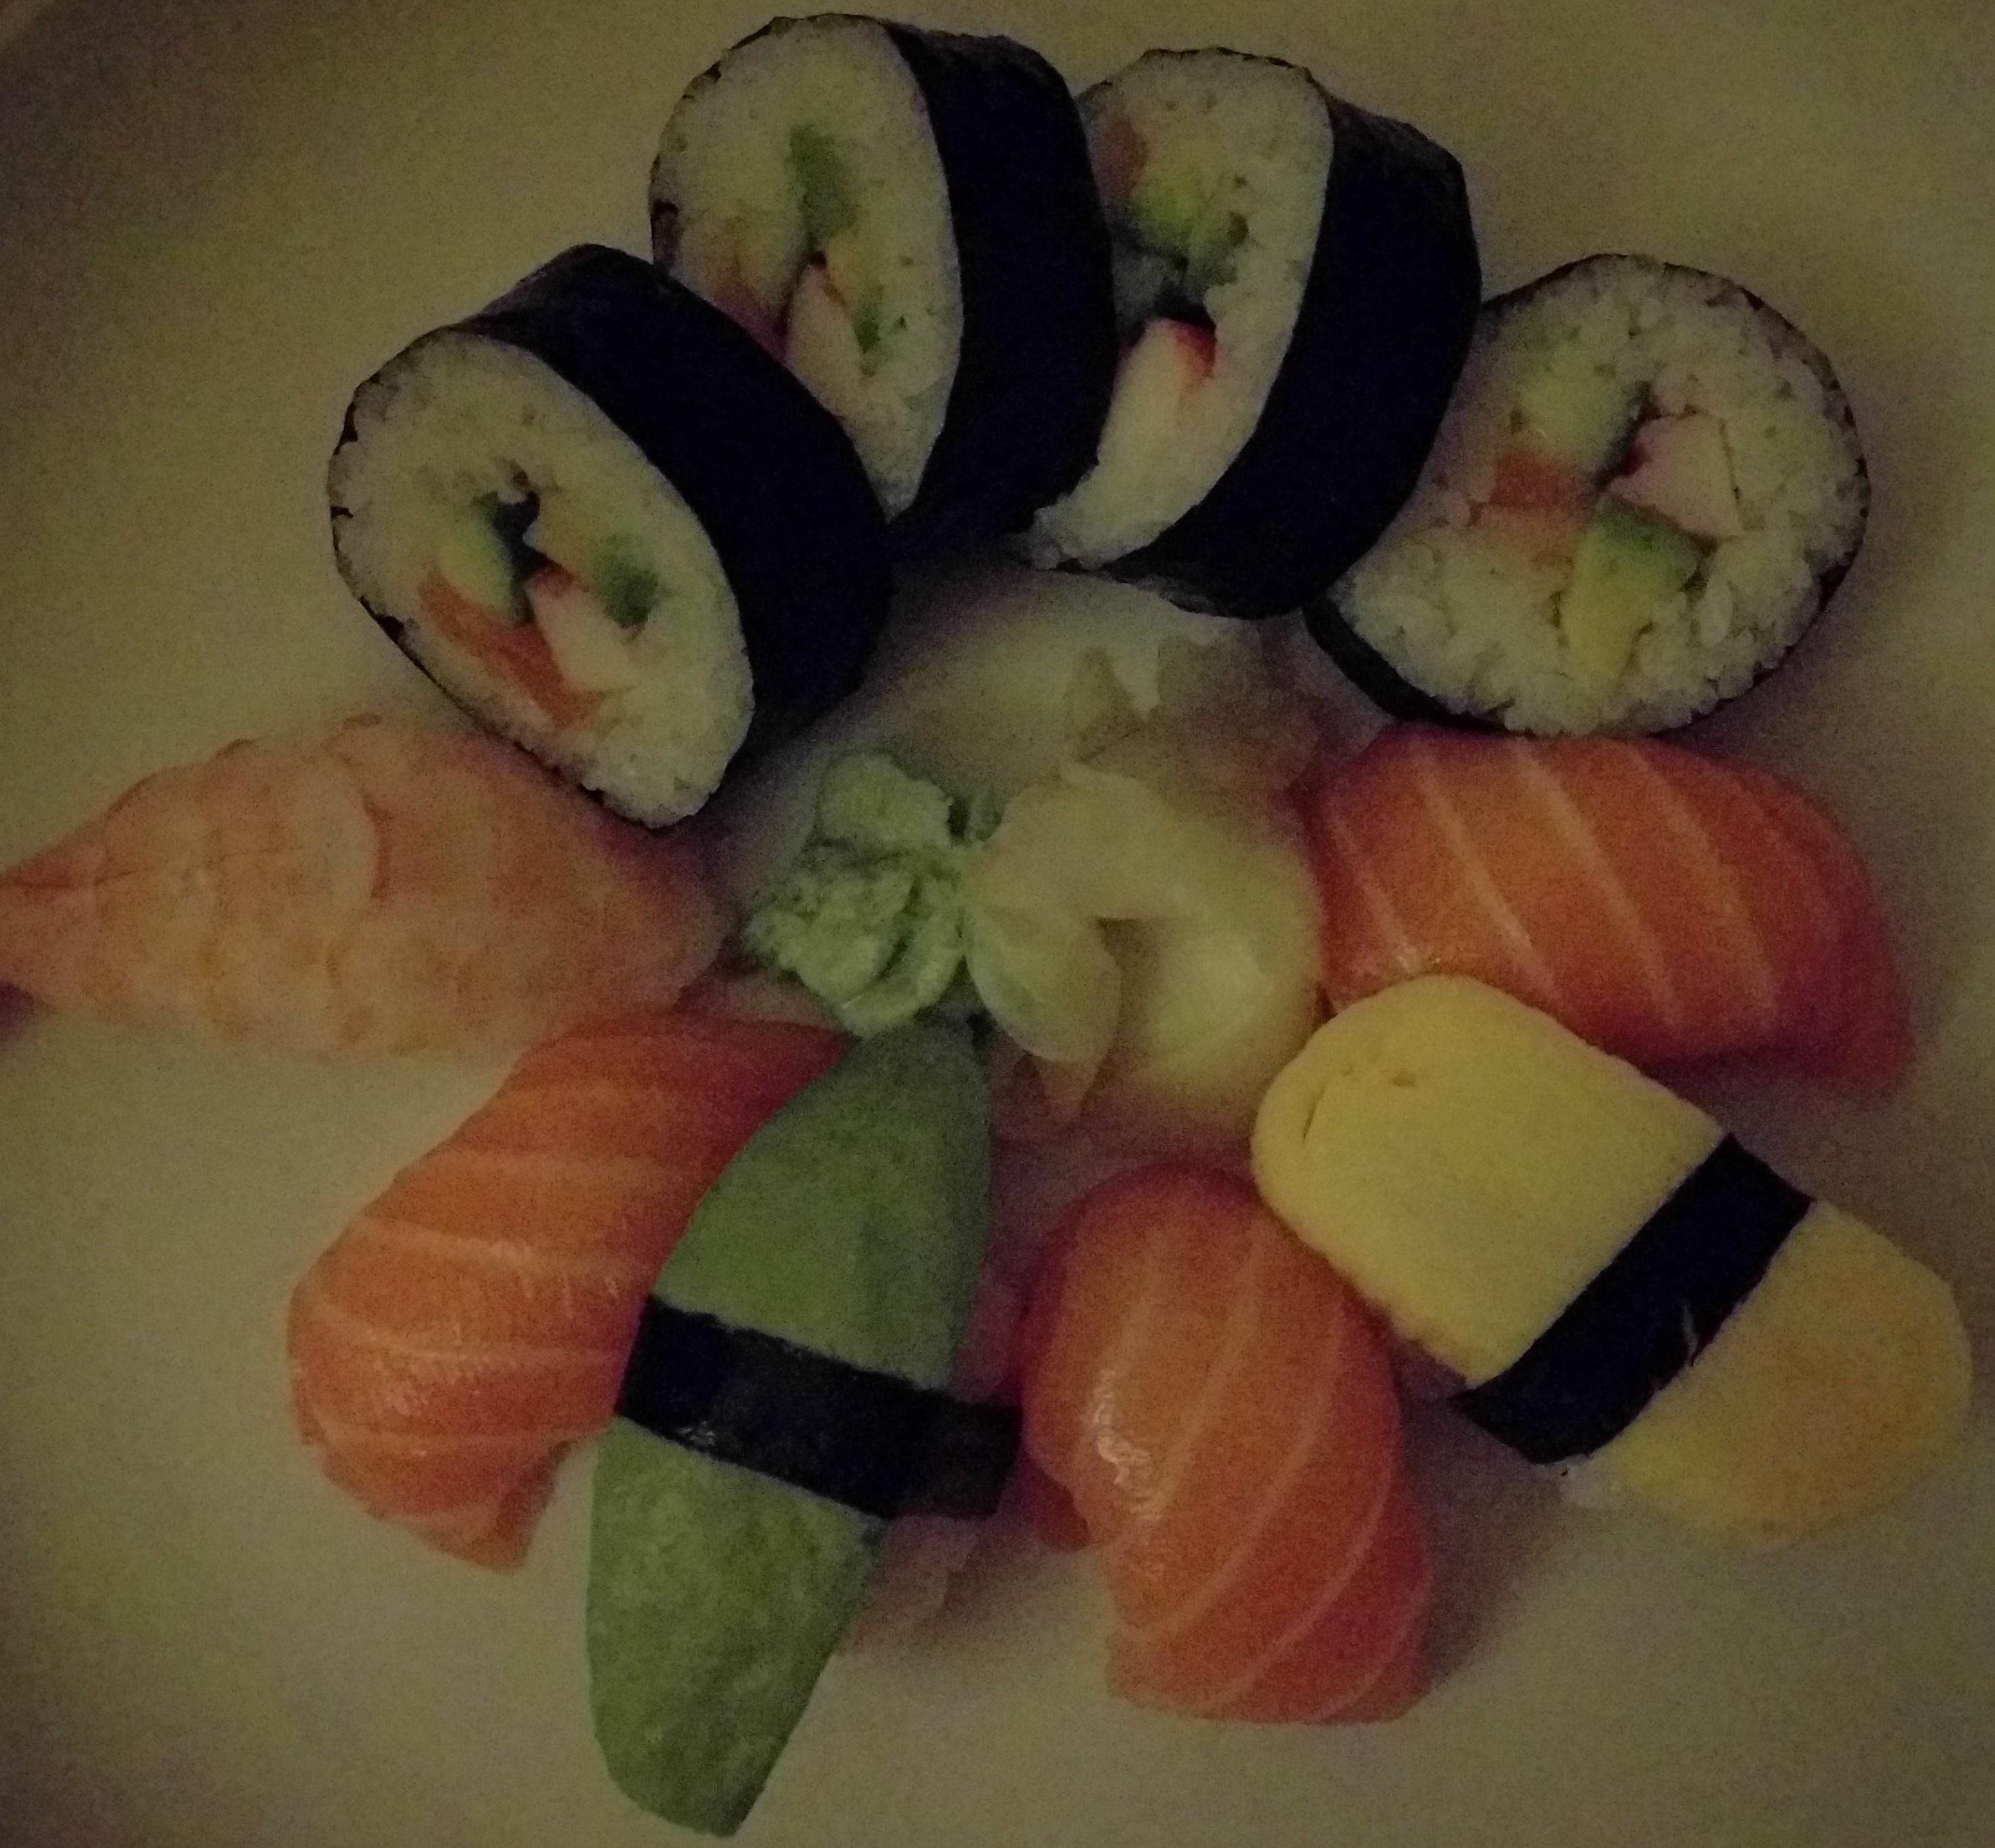 sushi dark nexus 6p